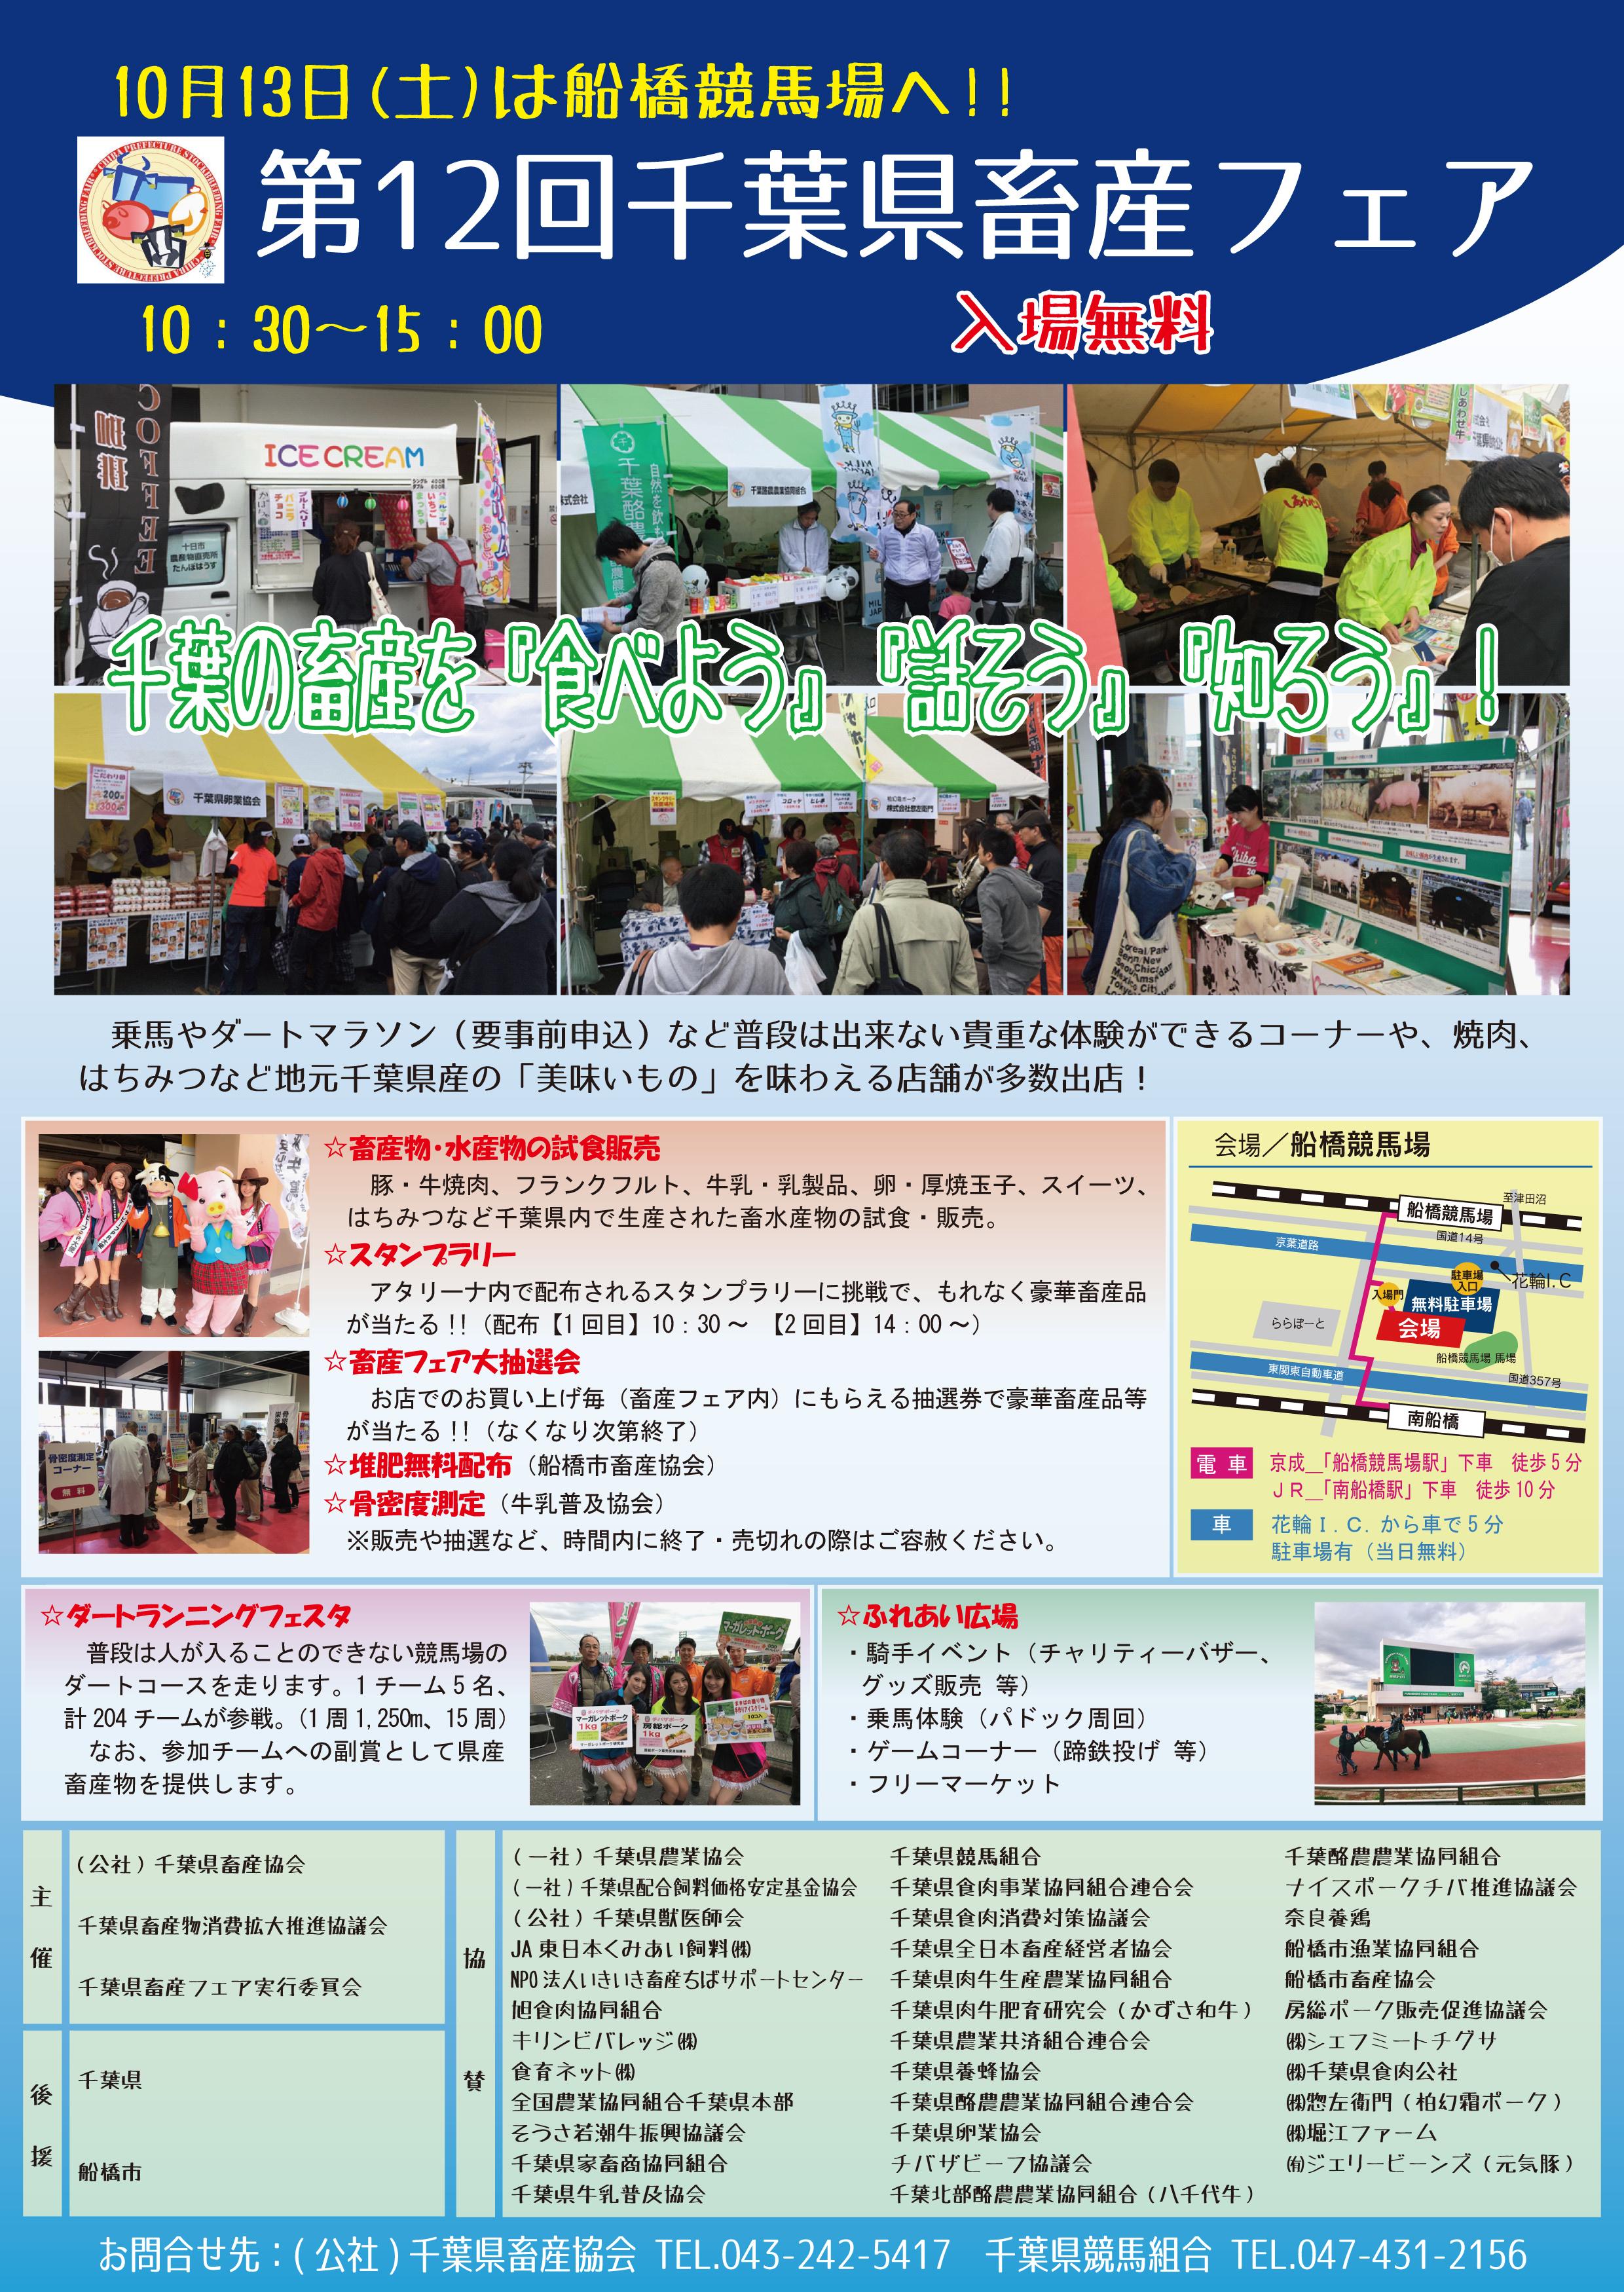 「第12回千葉県畜産フェア」が開催!